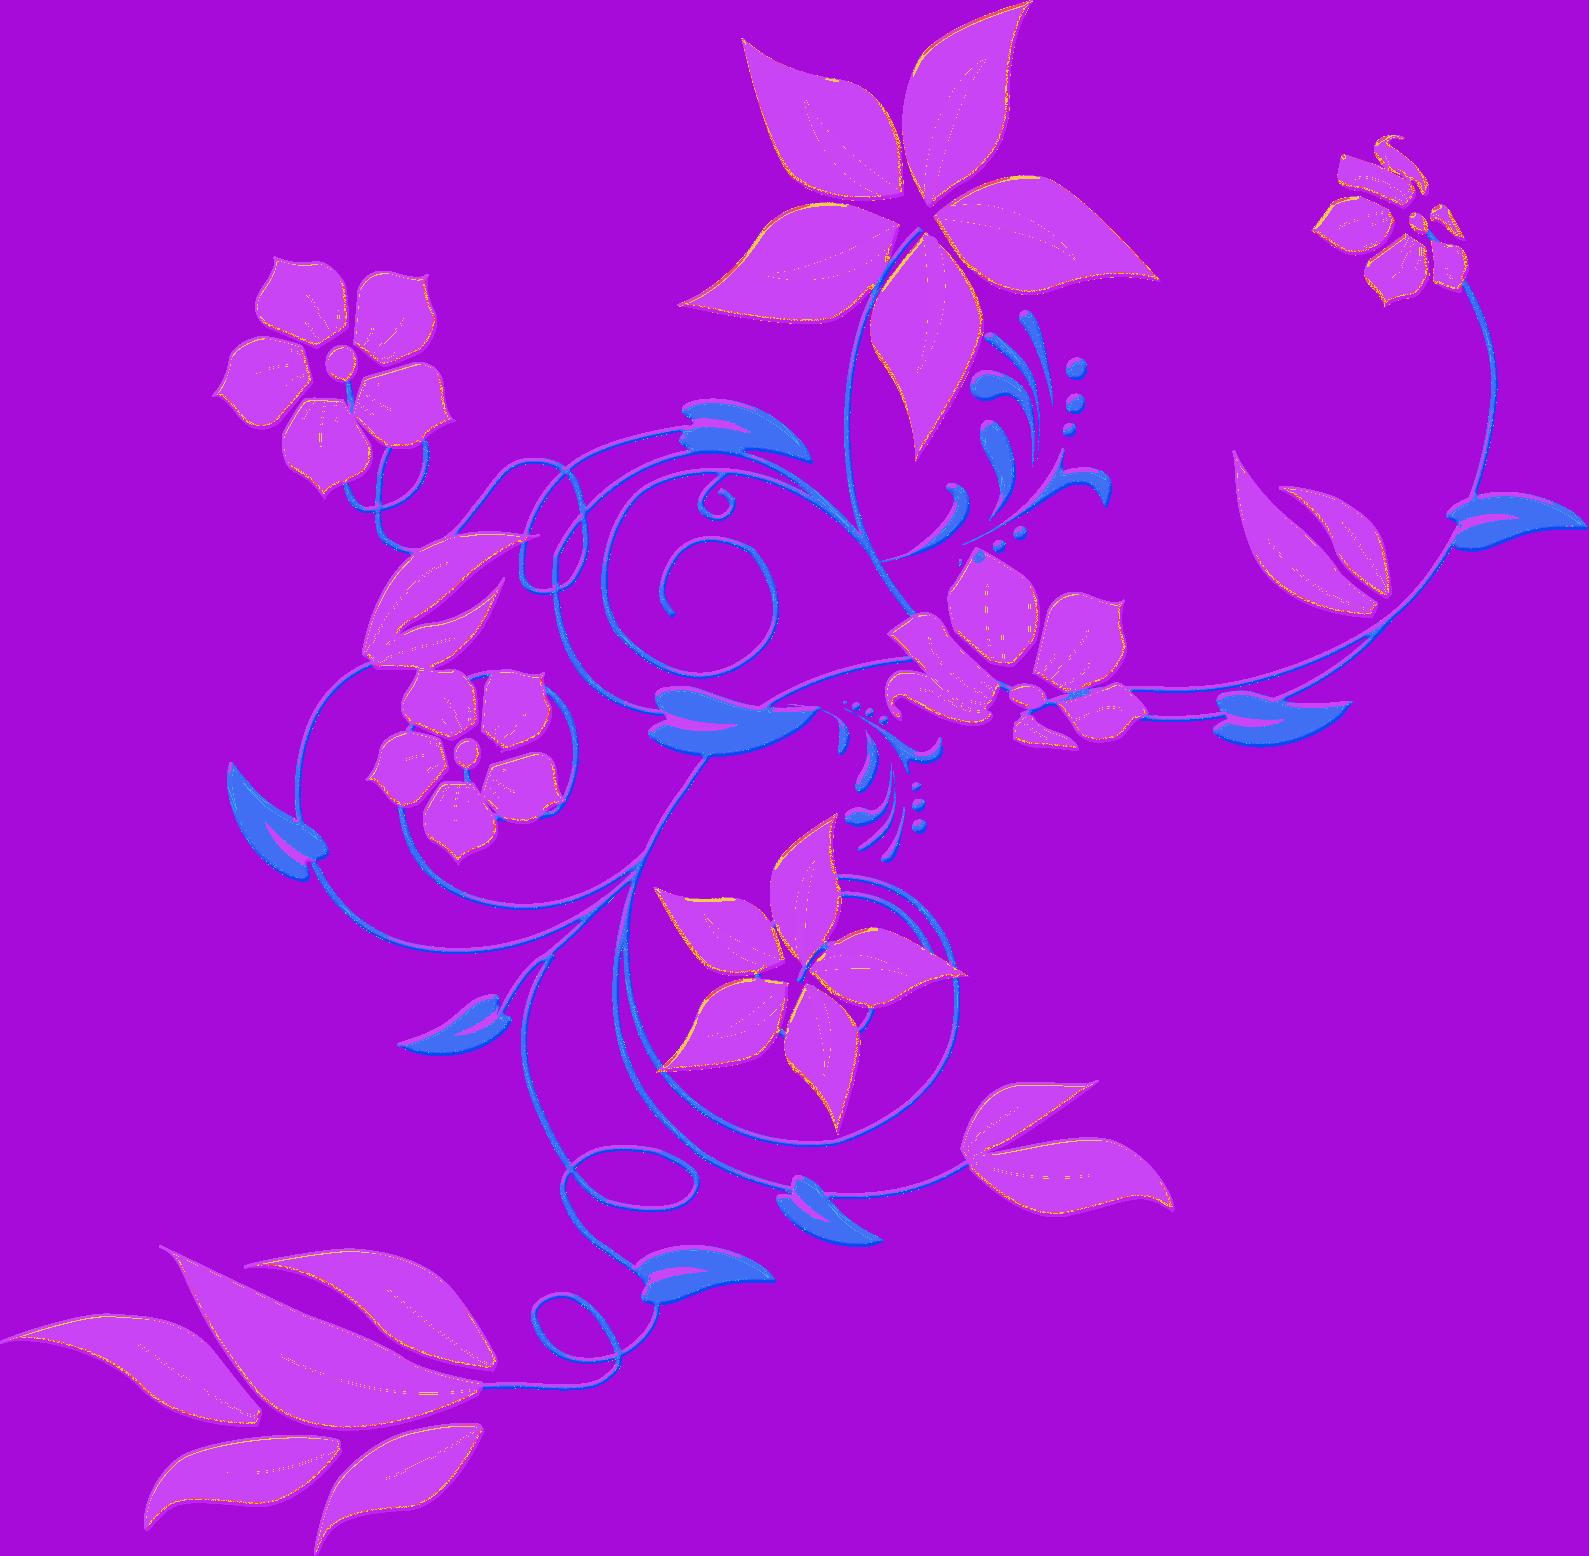 Vines clipart purple flower. Image vector clip art